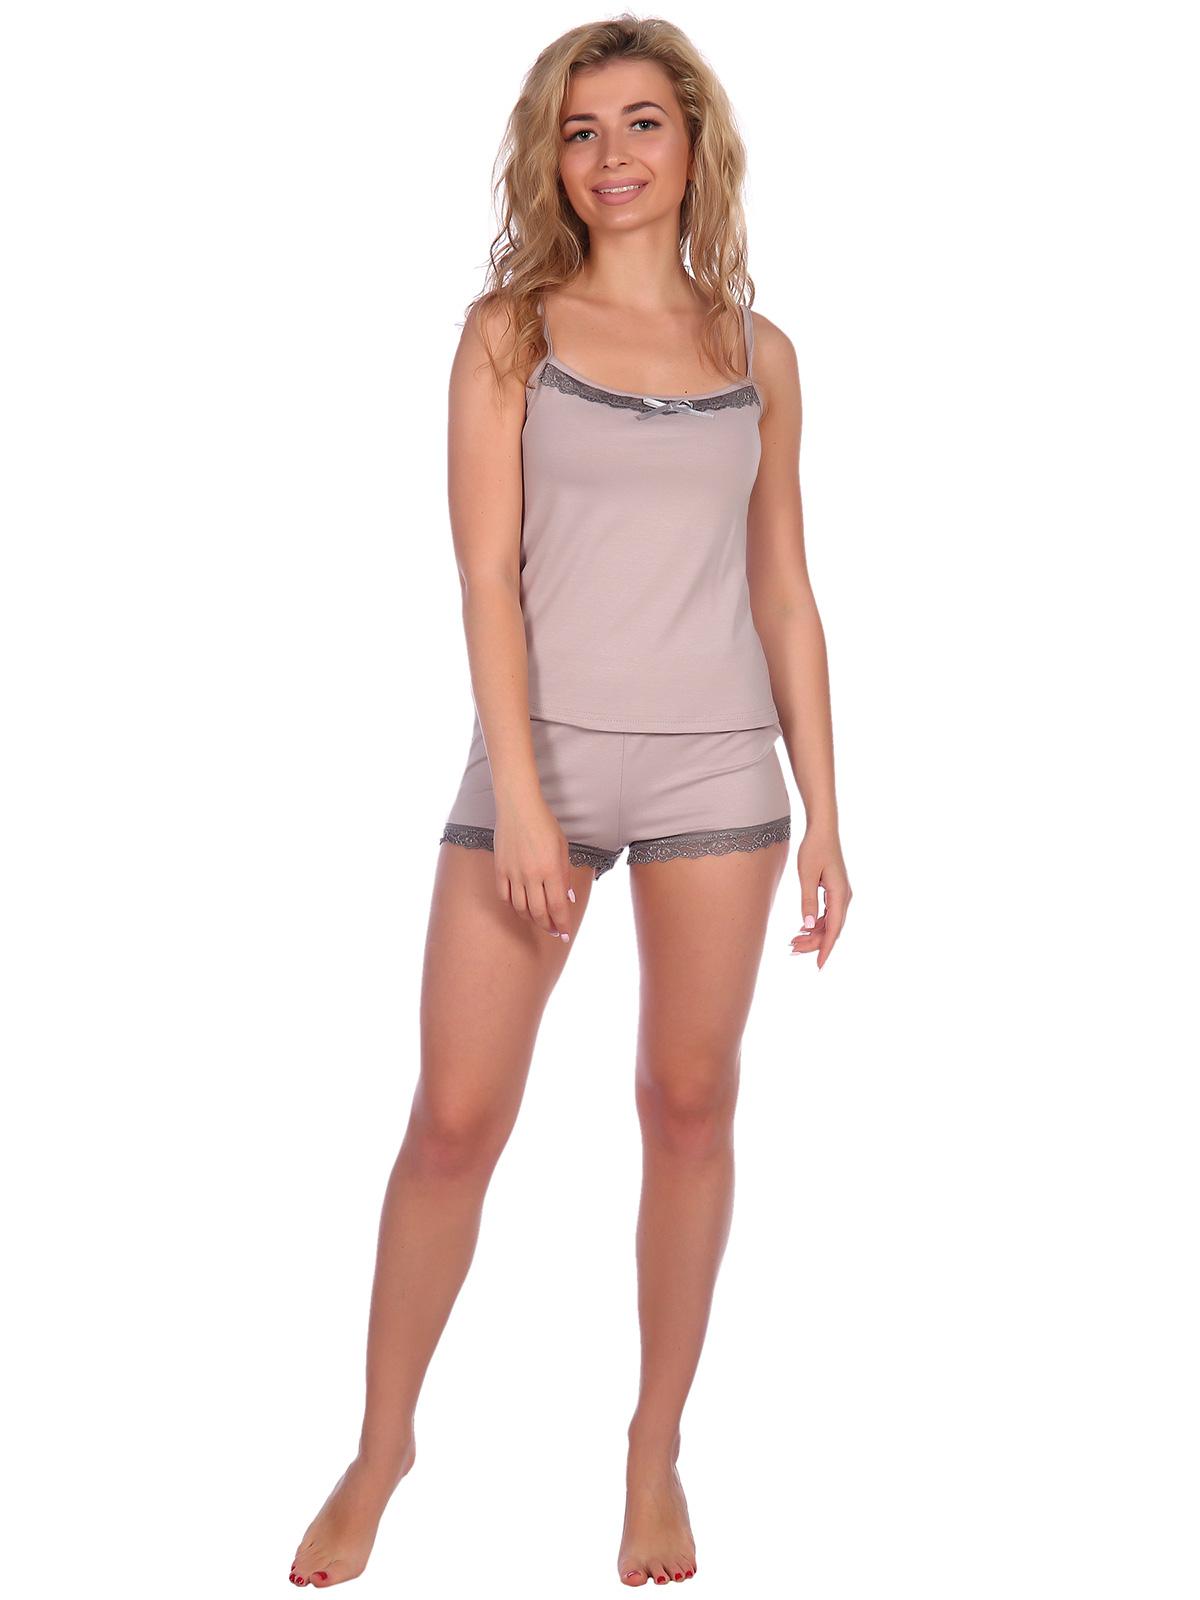 Жен. пижама арт. 16-0573 Серый р. 52 НСД Трикотаж